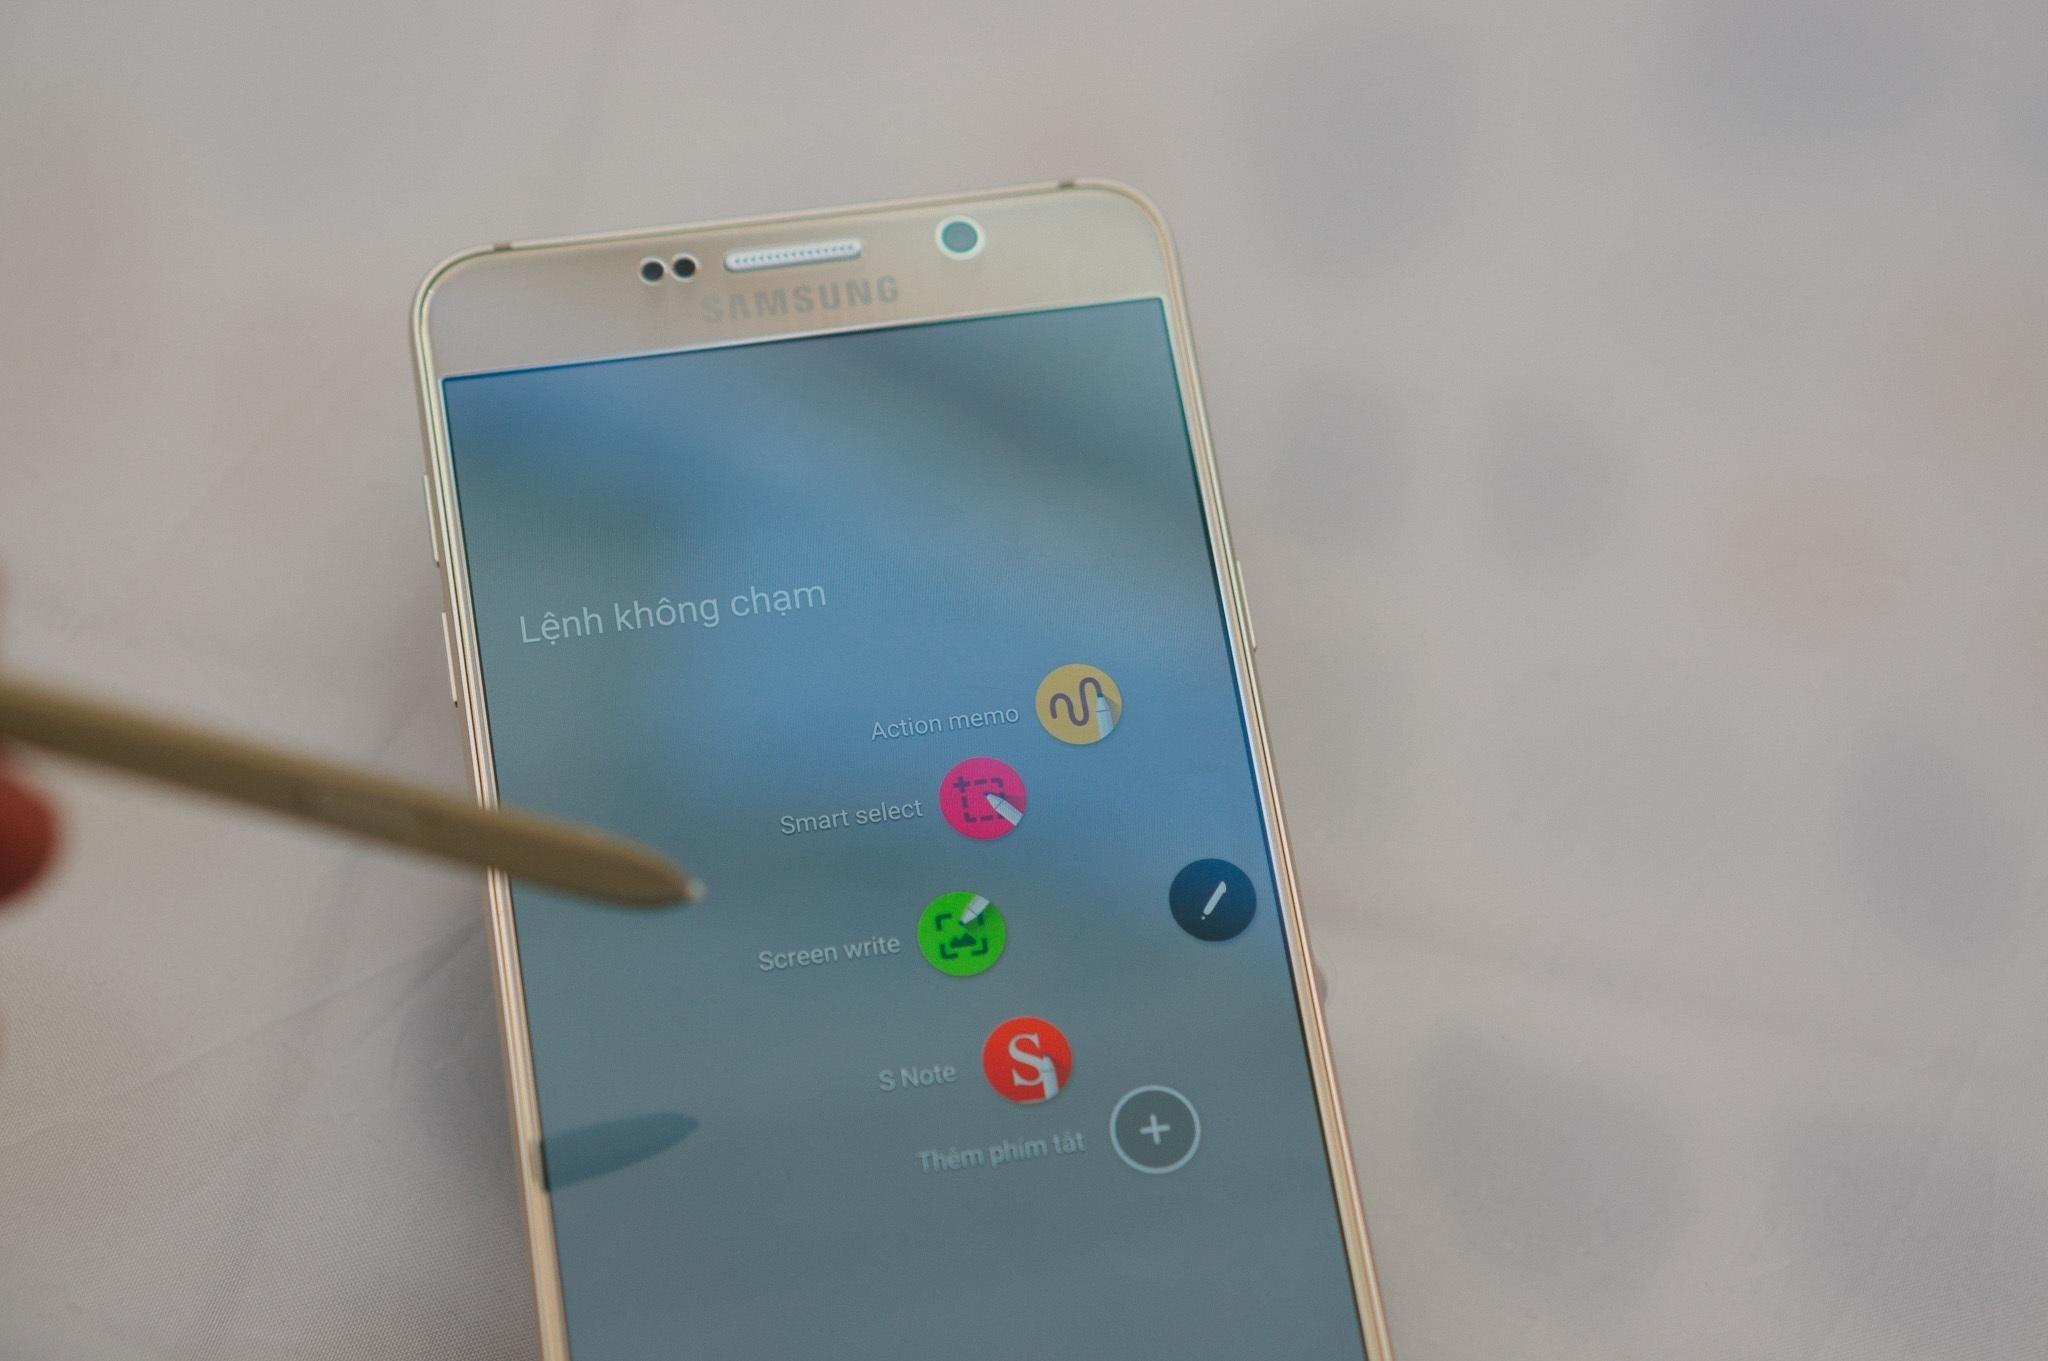 Samsung Galaxy Note 5 lệnh không chạm S pen